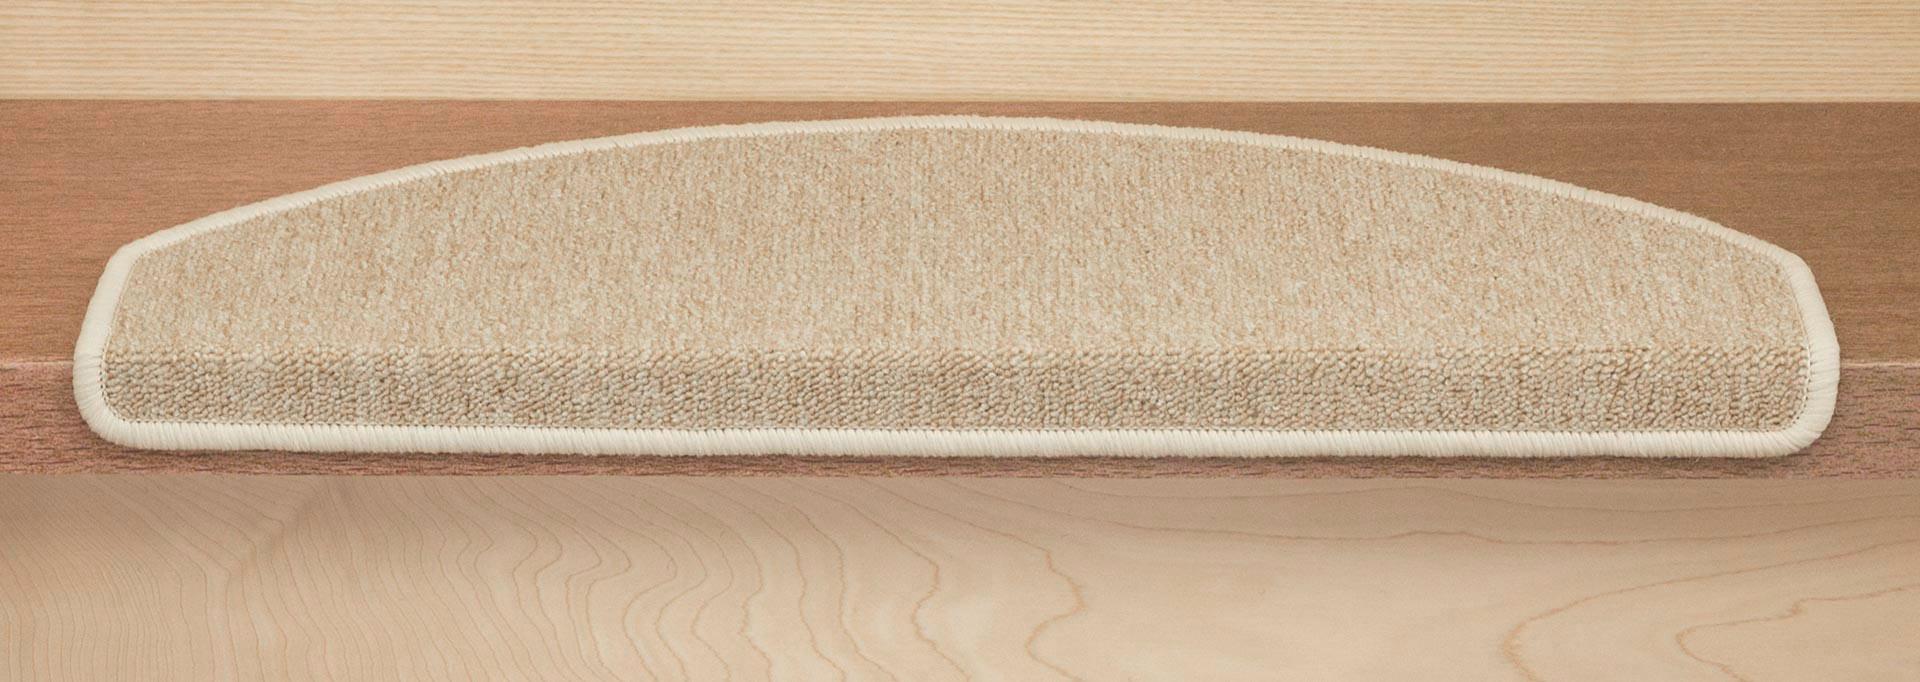 Stufenmatten-Rambo-New-versch-Farb-u-Set-Varianten-10-30-Stk-amp-Fleckentferner Indexbild 8